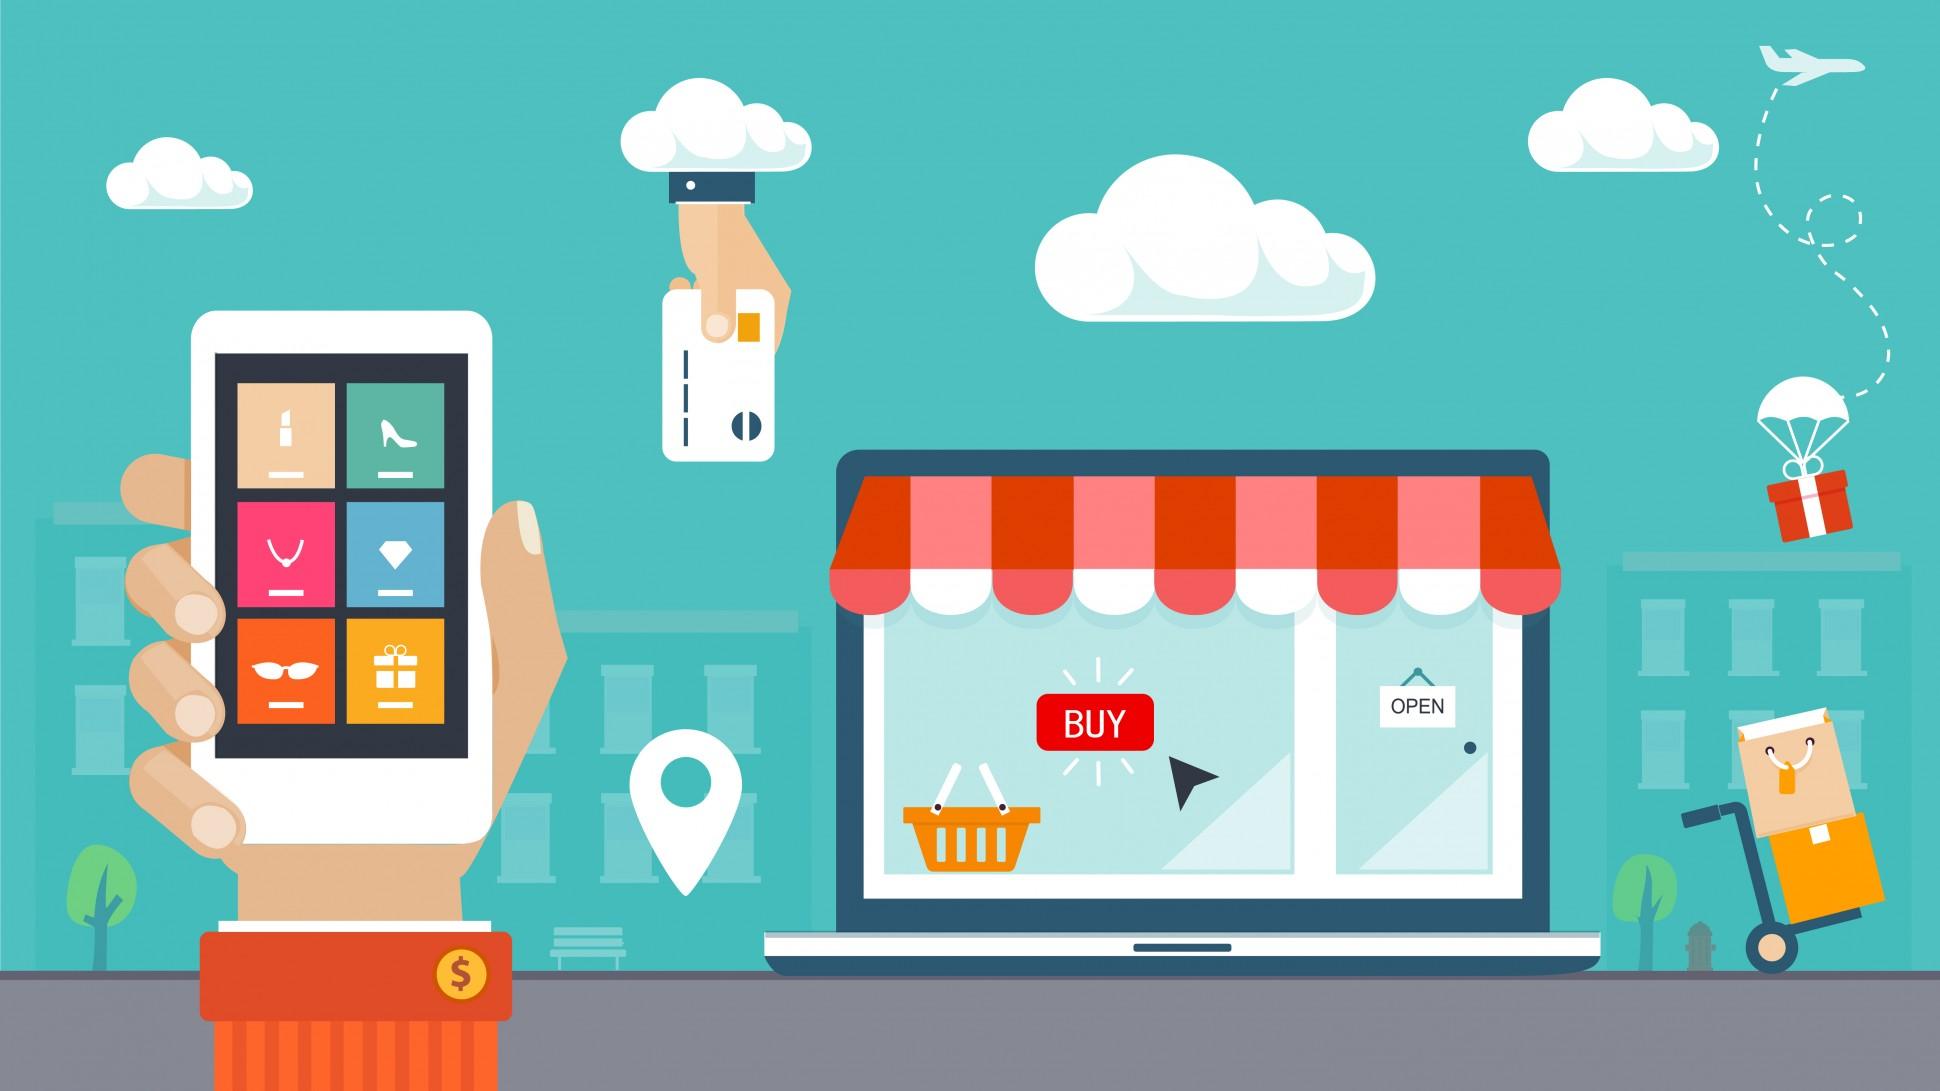 Como montar uma loja virtual de sucesso - Comércio eletrônico - Como vender online - Curso Ribeirão Preto